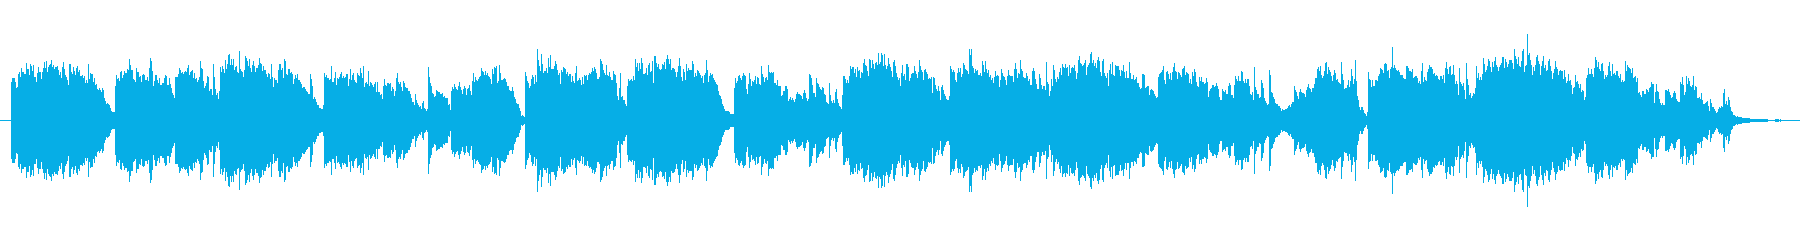 唱歌「荒城の月」綺麗な篠笛生演奏の再生済みの波形